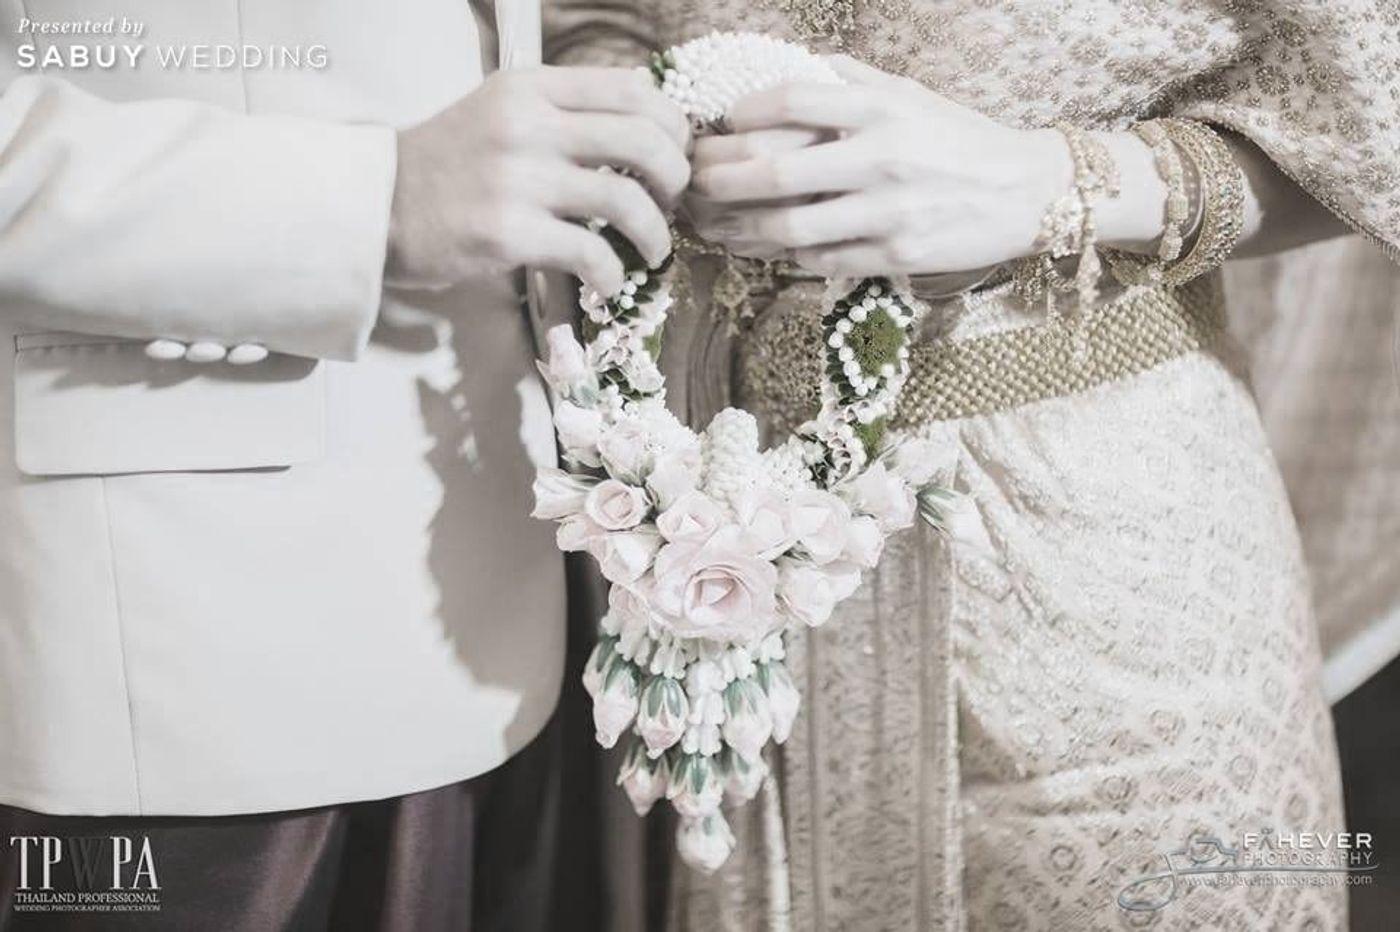 เจ้าบ่าว,เจ้าสาว,งานหมั้น,พิธีหมั้น แชร์ประสบการณ์งานแต่งงาน เมื่อวันที่ 15 และ 16 ต.ค. ที่ผ่านมา